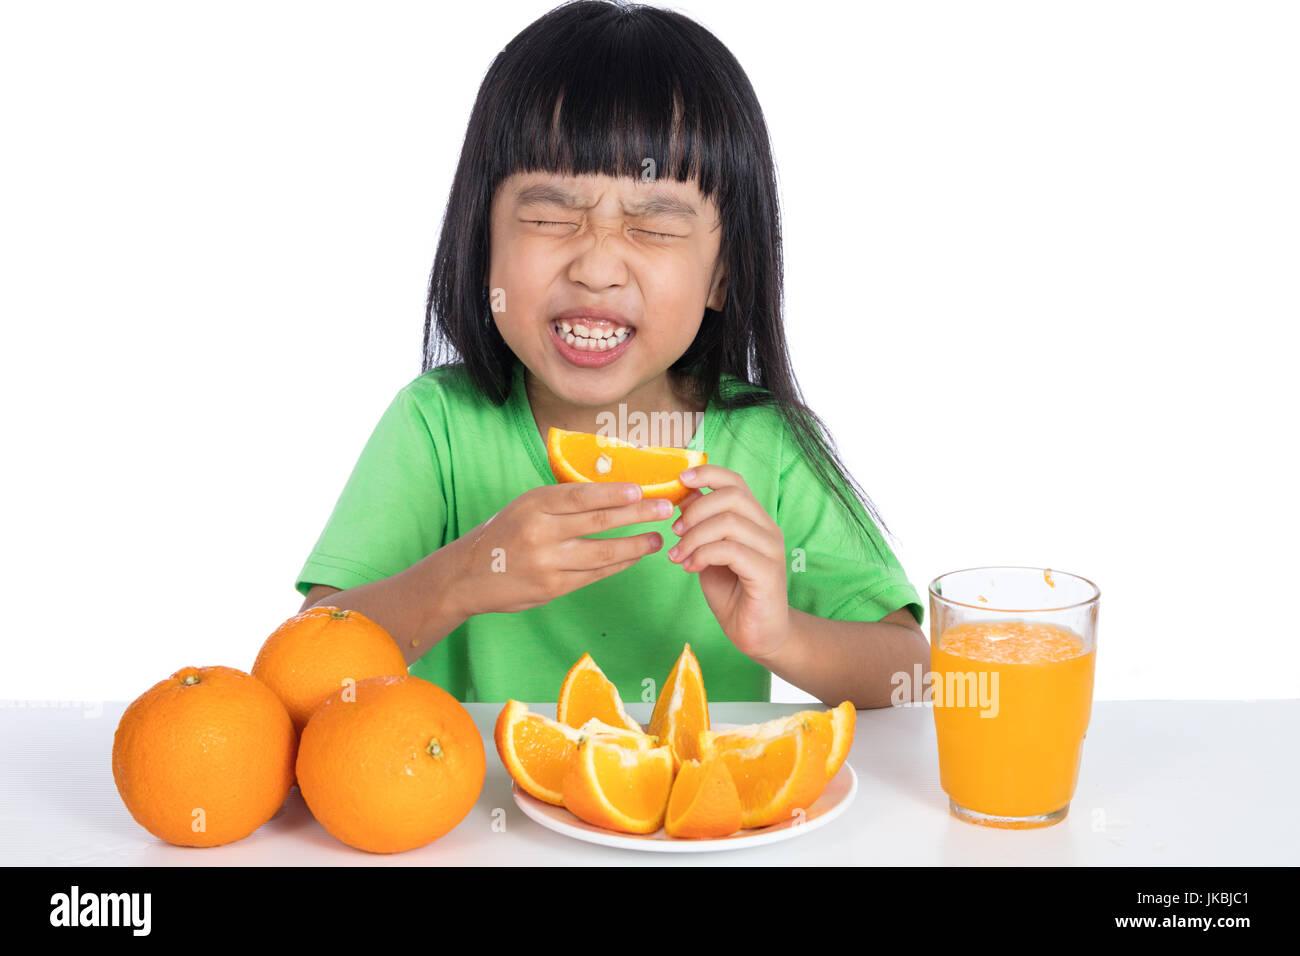 Chino Asia niña comer naranja agria y haciendo mueca aisladas en fondo blanco. Imagen De Stock